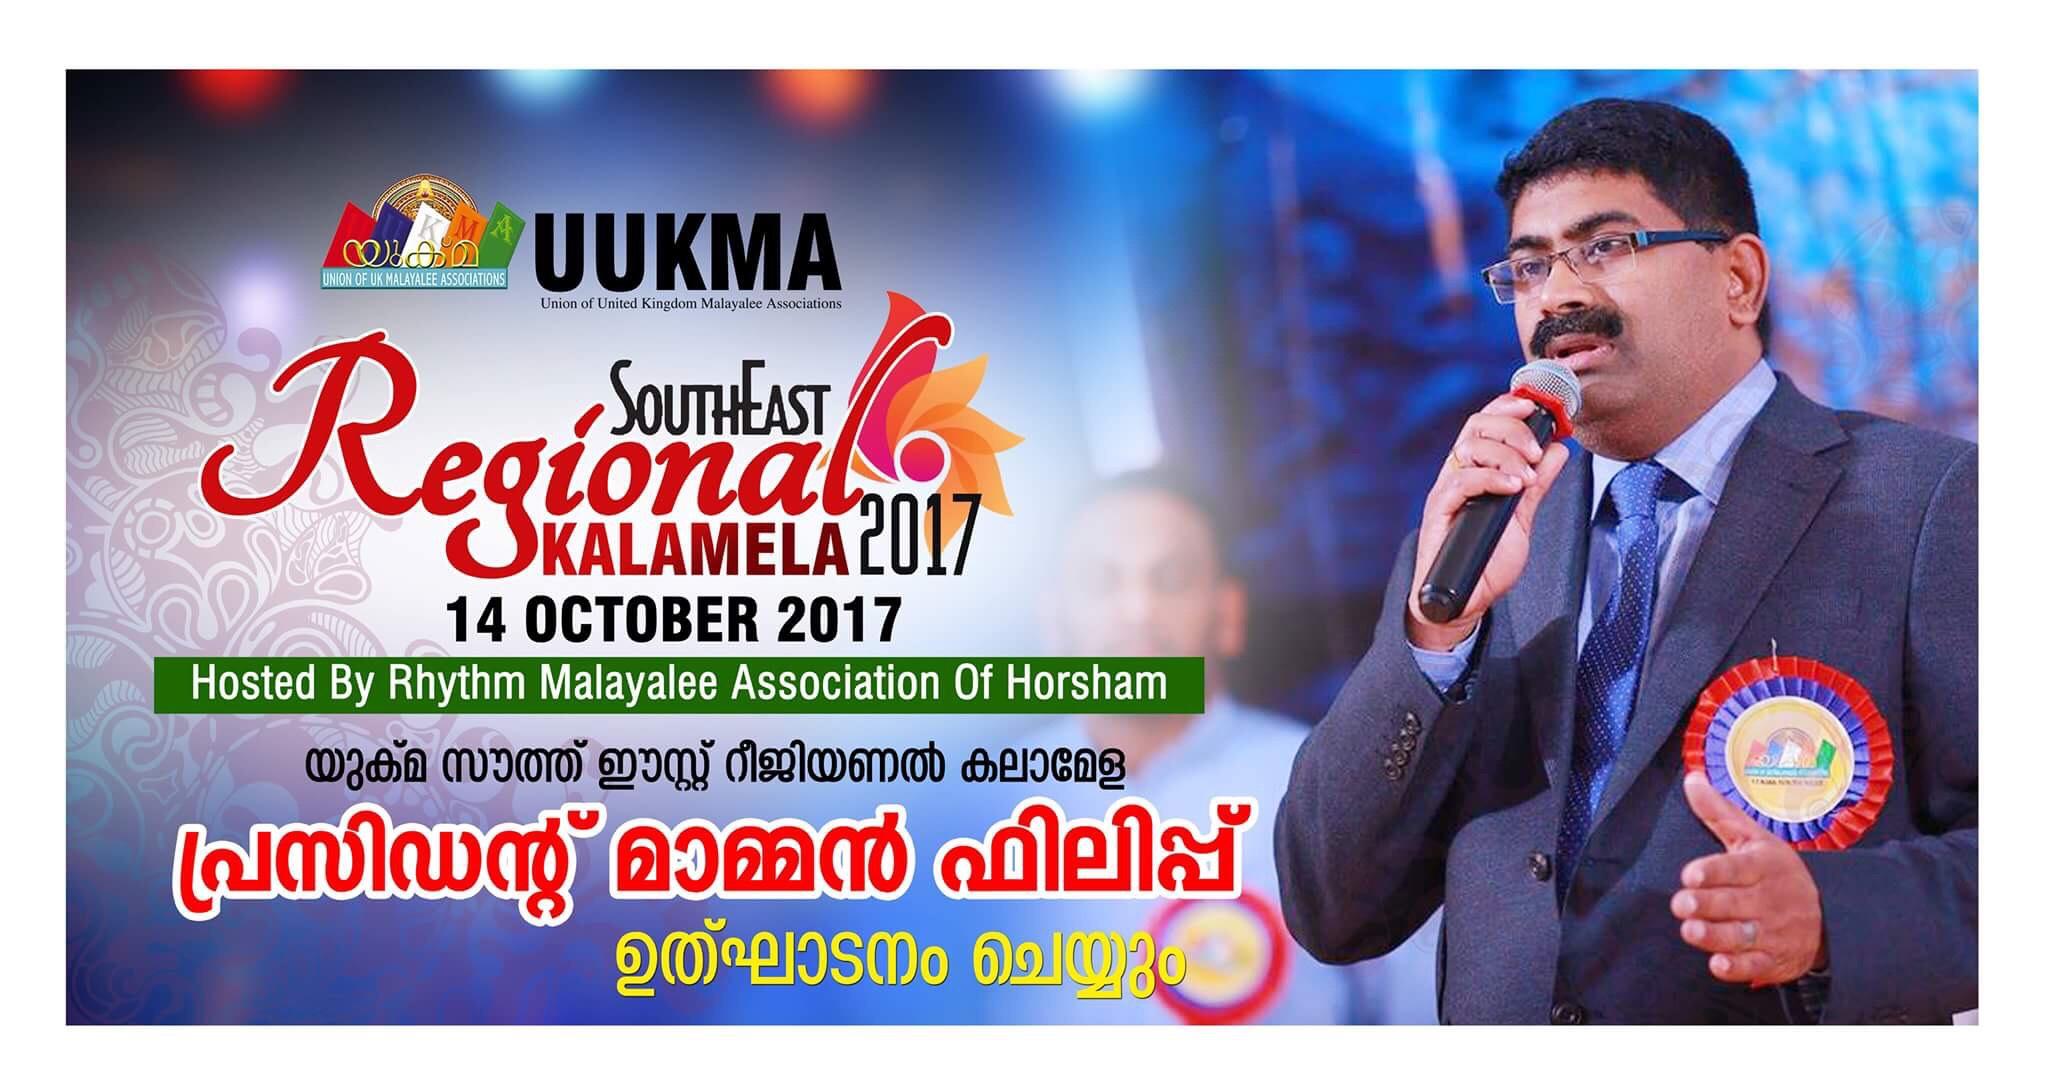 http://uukmanews.com/southeast-regional-kalamela/